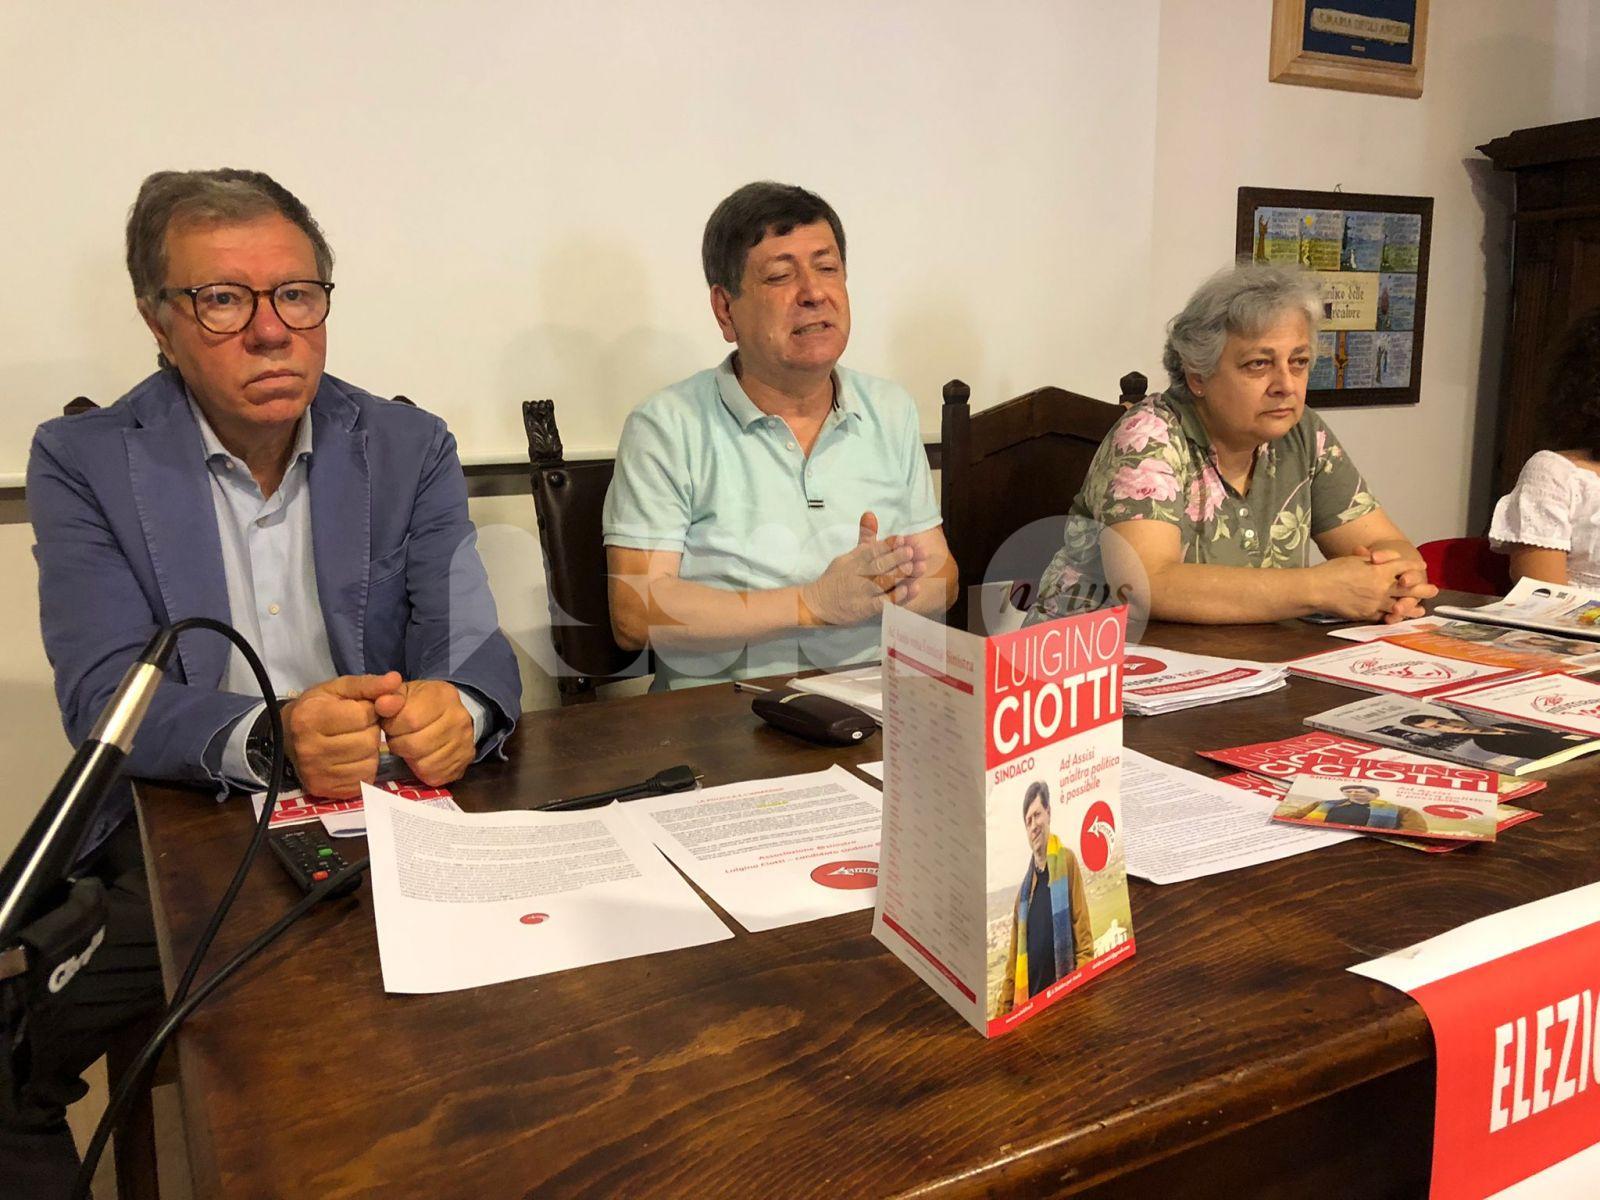 """Luigino Ciotti e @Sinistra: """"Da Assisi un grande cambiamento sociale"""""""